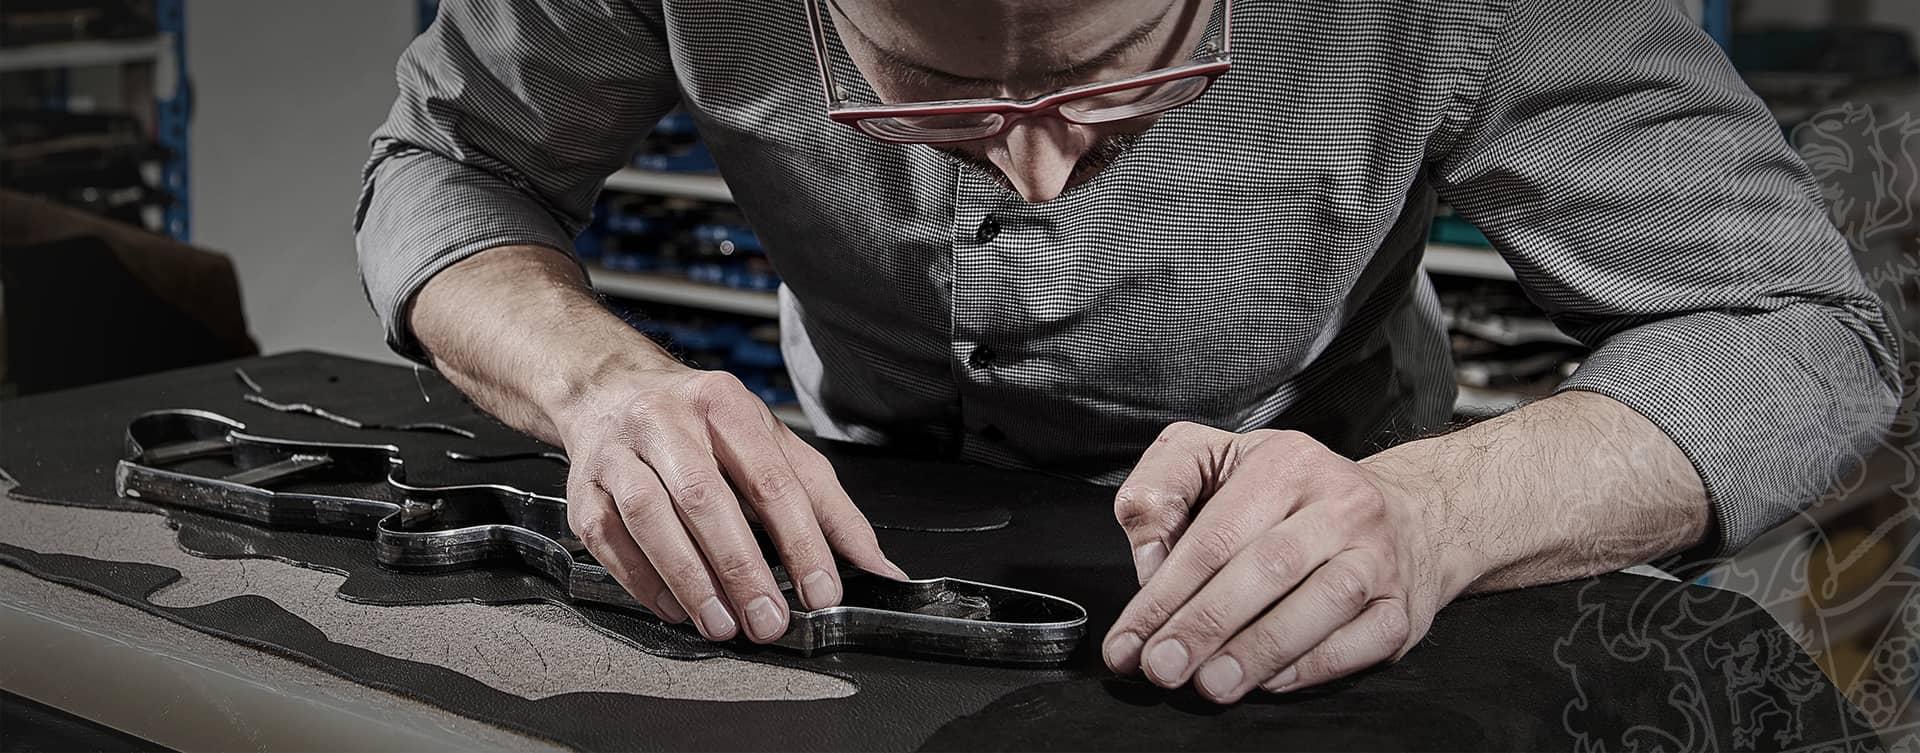 Bei jedem unserer Modelle verbindet eine von Hand eingestochene Naht die Zwischensohle mit dem Schaft.